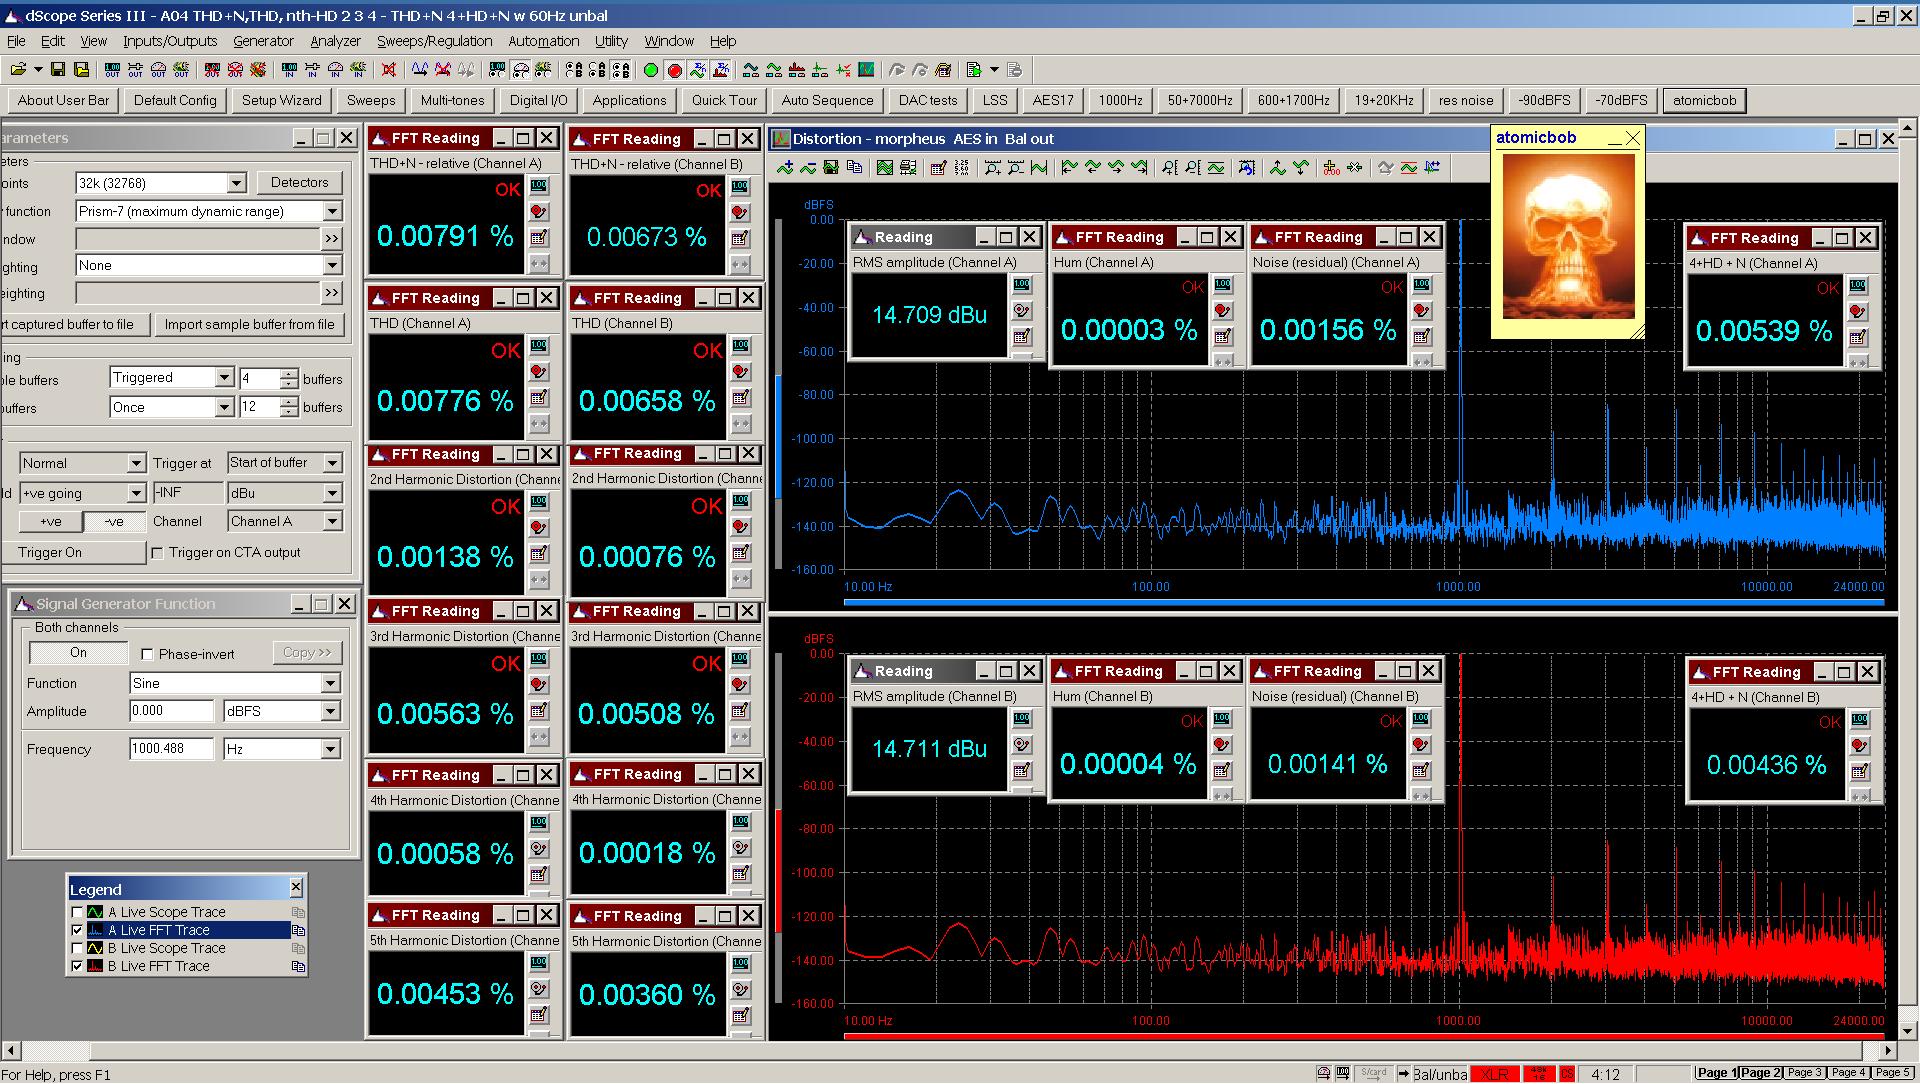 20200723 morpheus A04 THD+N THD nth-HD 4+HD+N 60Hz FFT Bal 0dBFS - AES.png